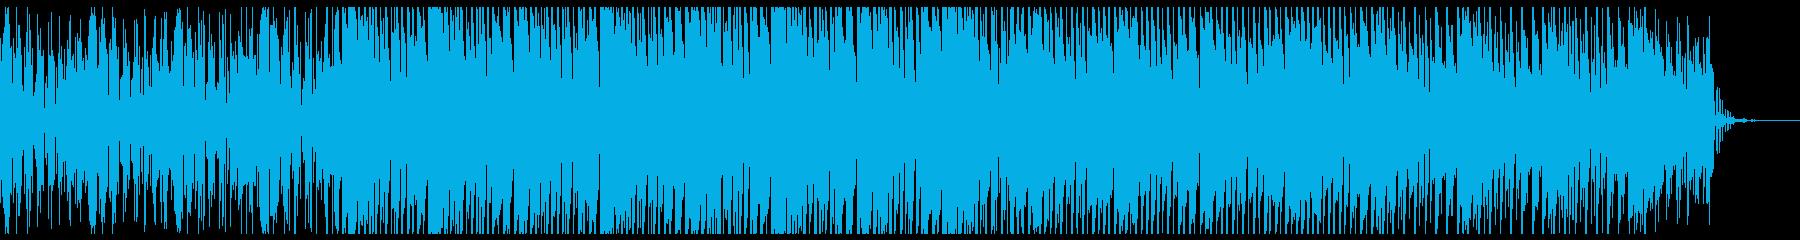 ファッションディープハウス(ミディアム)の再生済みの波形